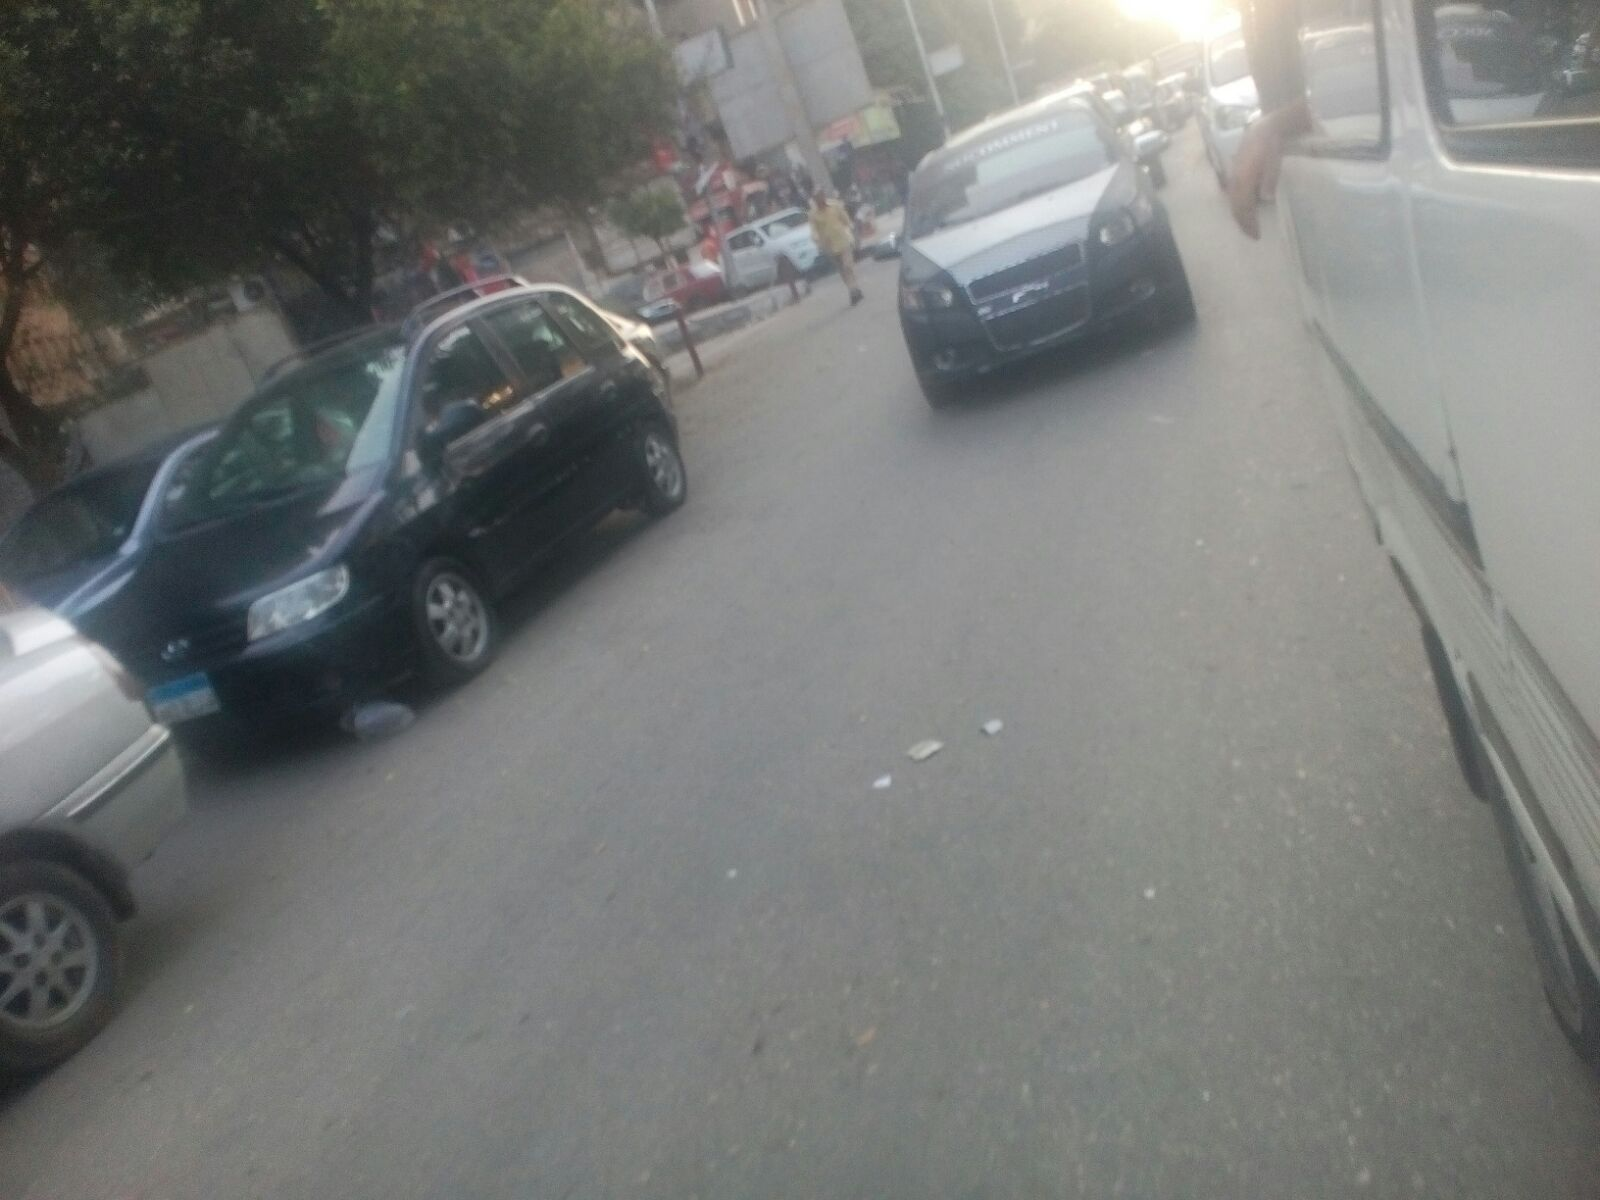 سيارة مخالفة بدون لوحات معدنية تتحرك بحرية في شارع جامعة الدول بالمهندسين